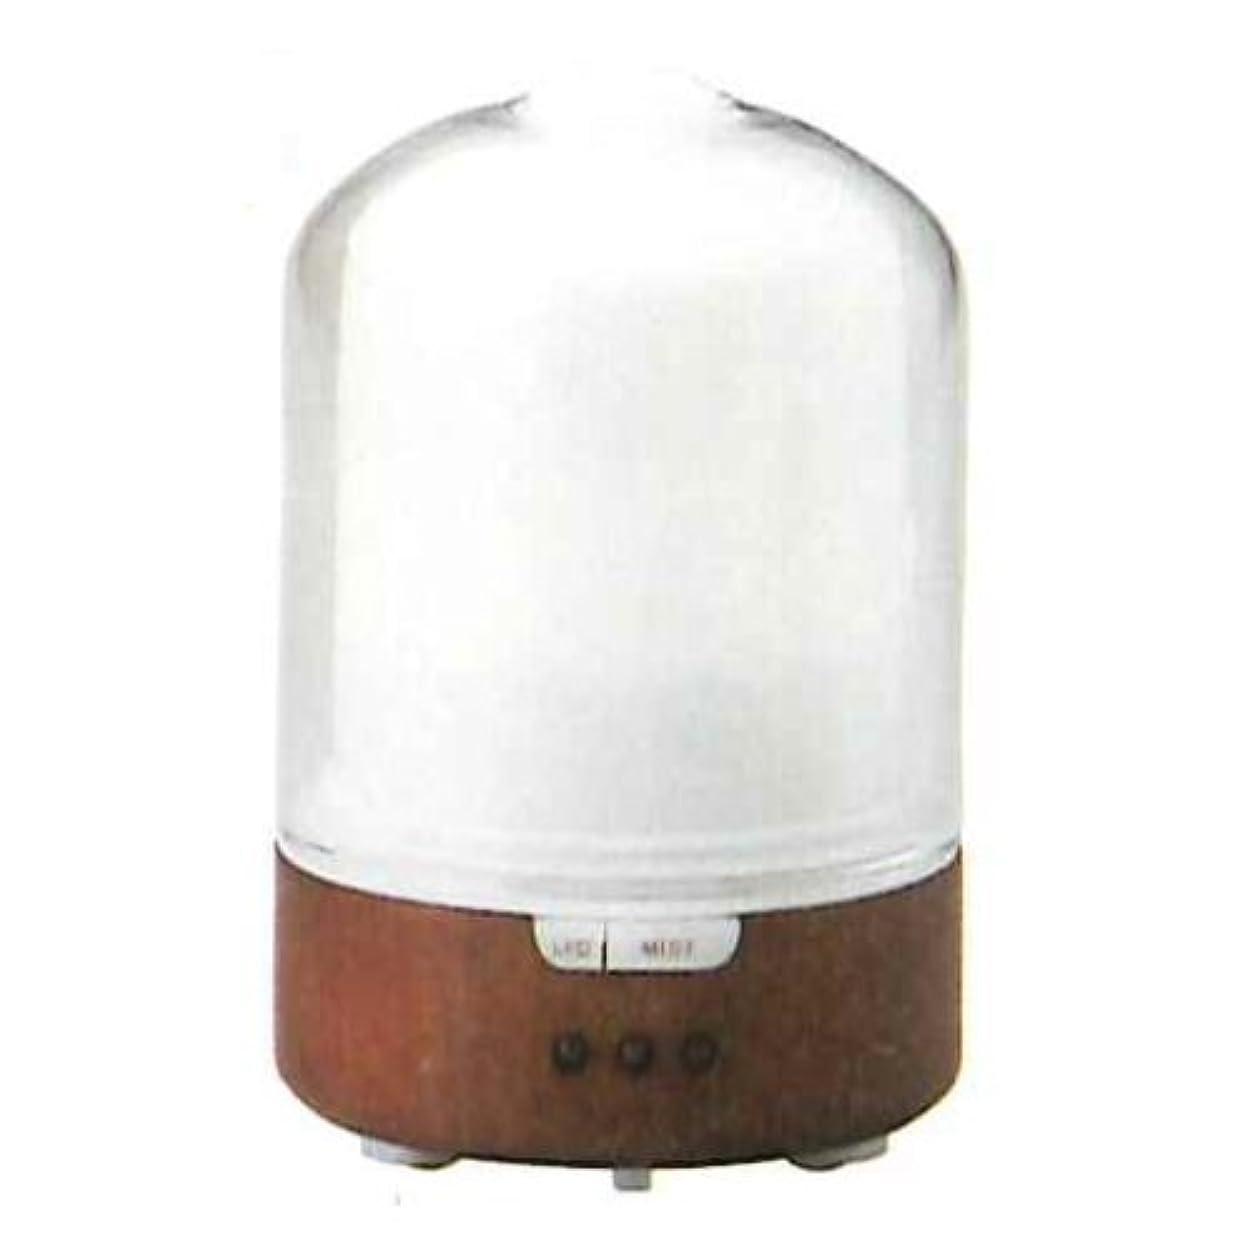 消化器同じベッツィトロットウッドラドンナ アロマディフューザー トモリ ブラウン?ADF04-TMR-BR